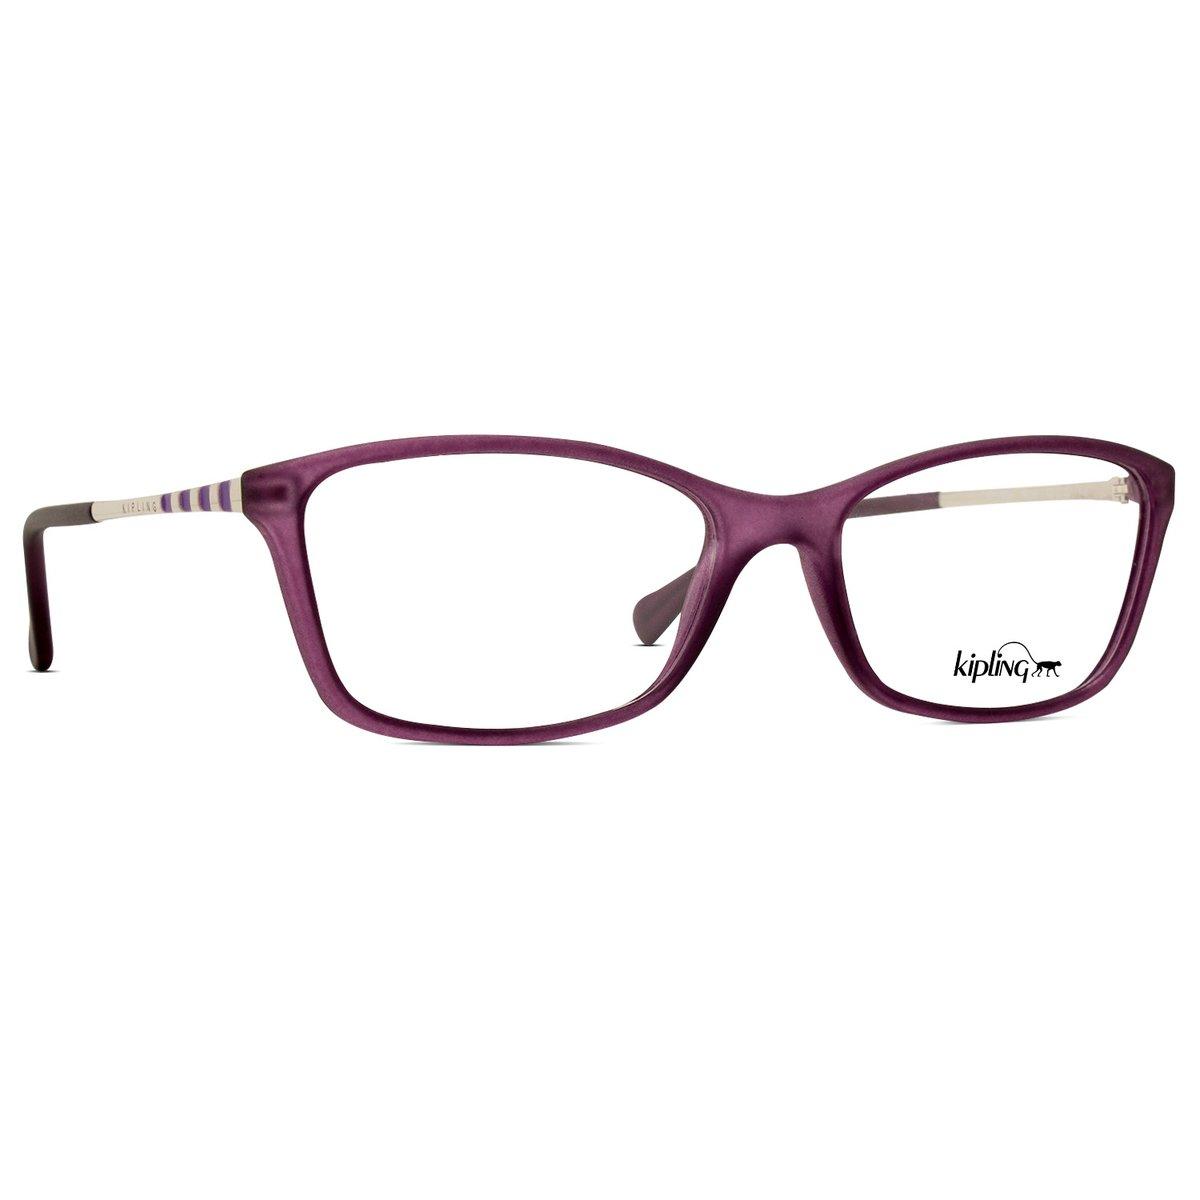 34bf7457f7702 Armação de Óculos de Grau Kipling KP3056 B729-52 - Compre Agora ...